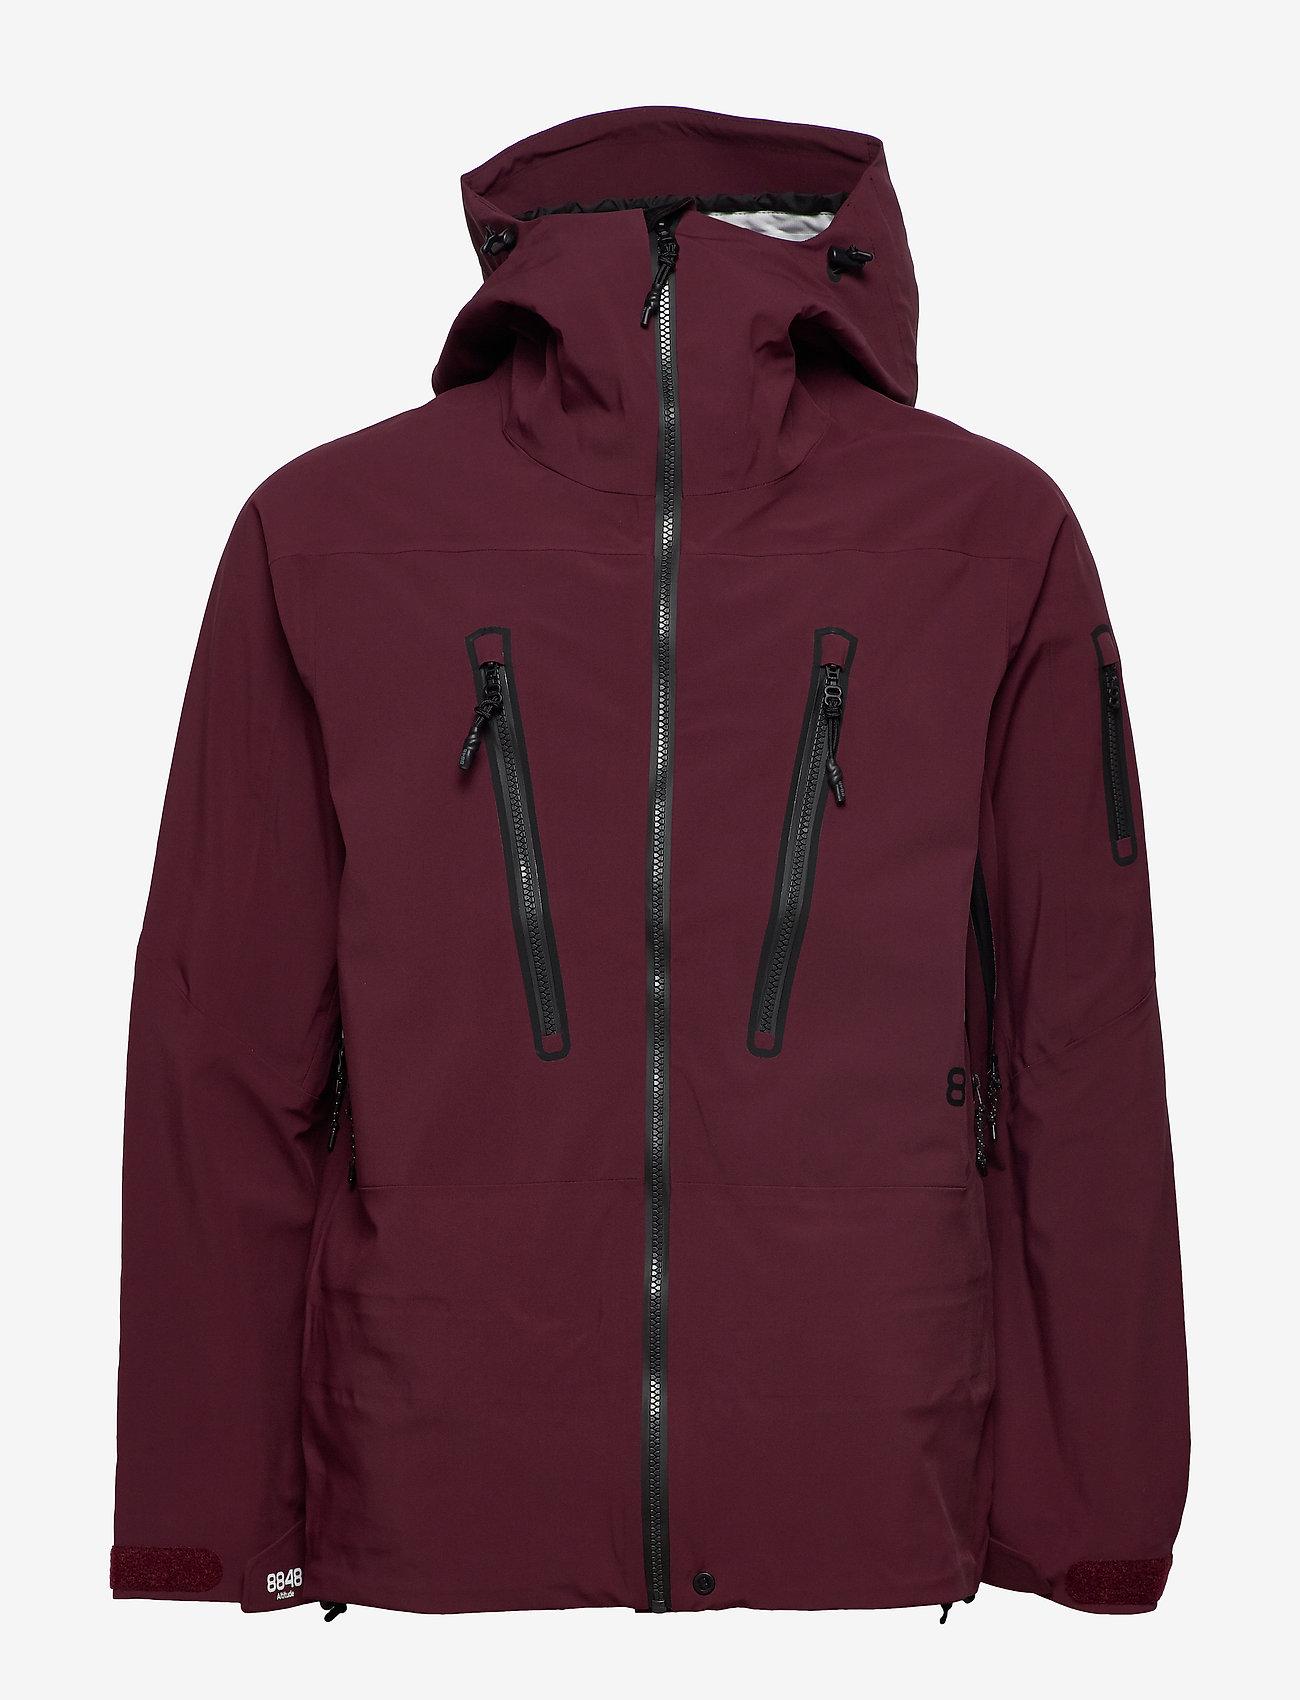 8848 Altitude Gansu Jacket - Jackor & Rockar Amarone